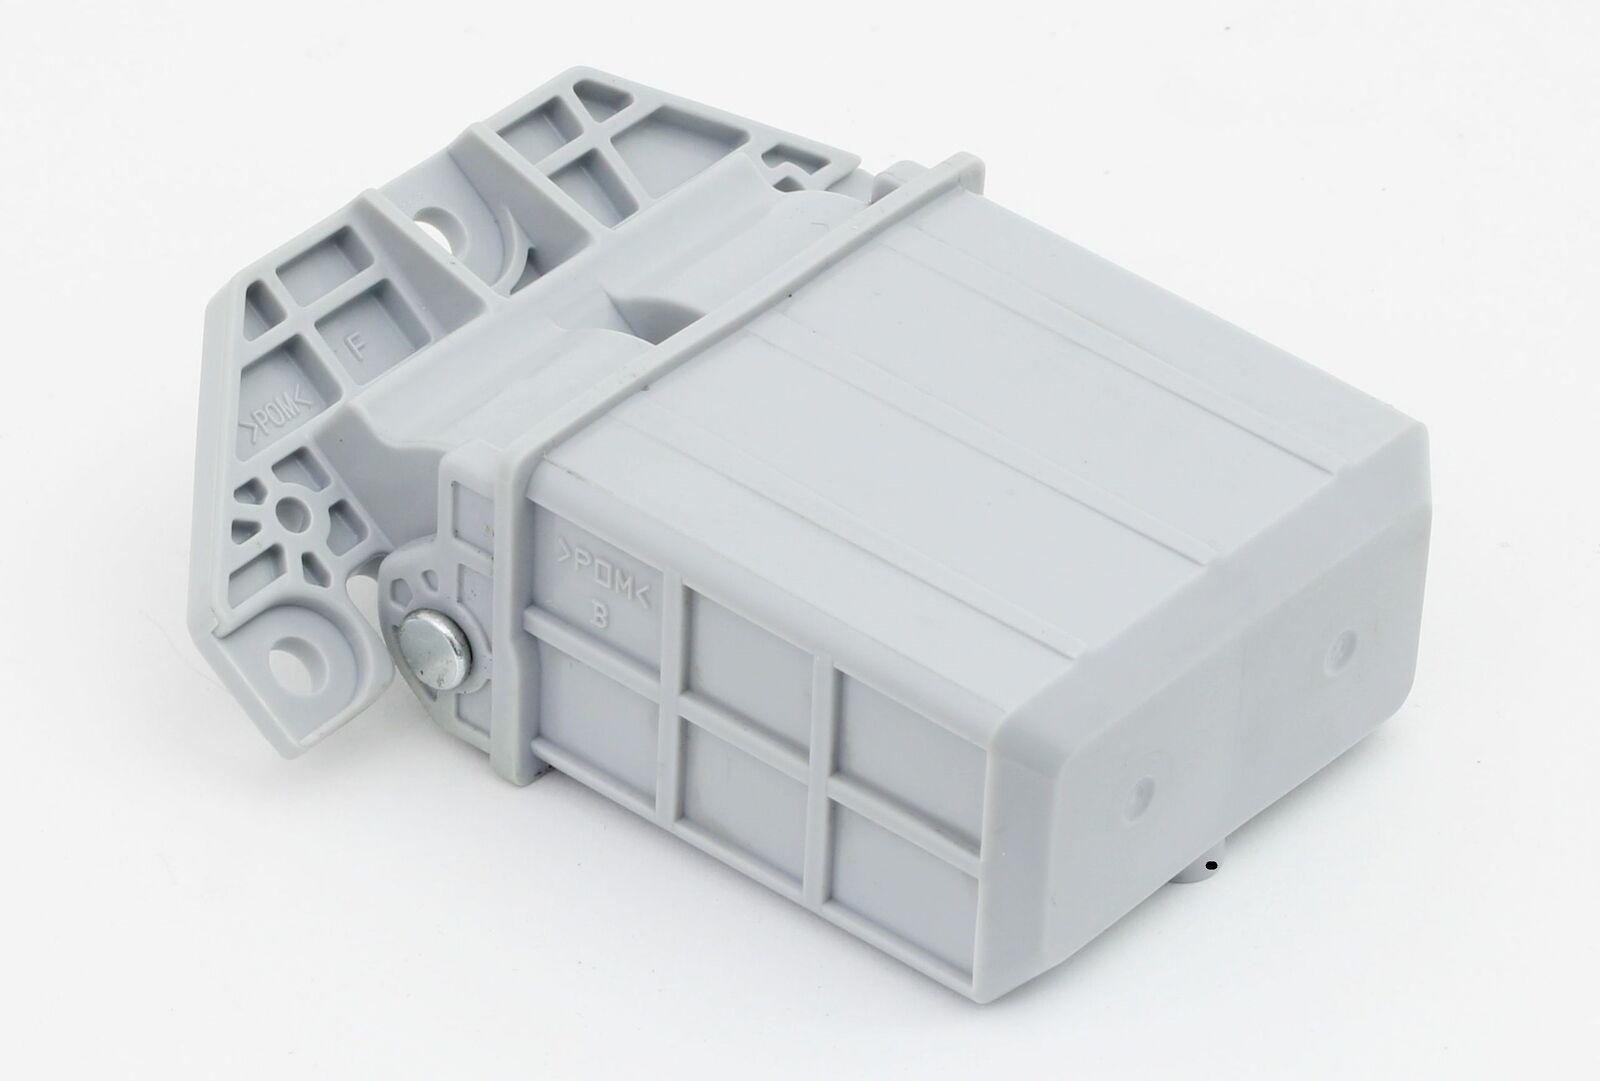 Brother charnière ls7189001 gauche pour imprimante mfc-8370dn mfc-8380dn utilisé